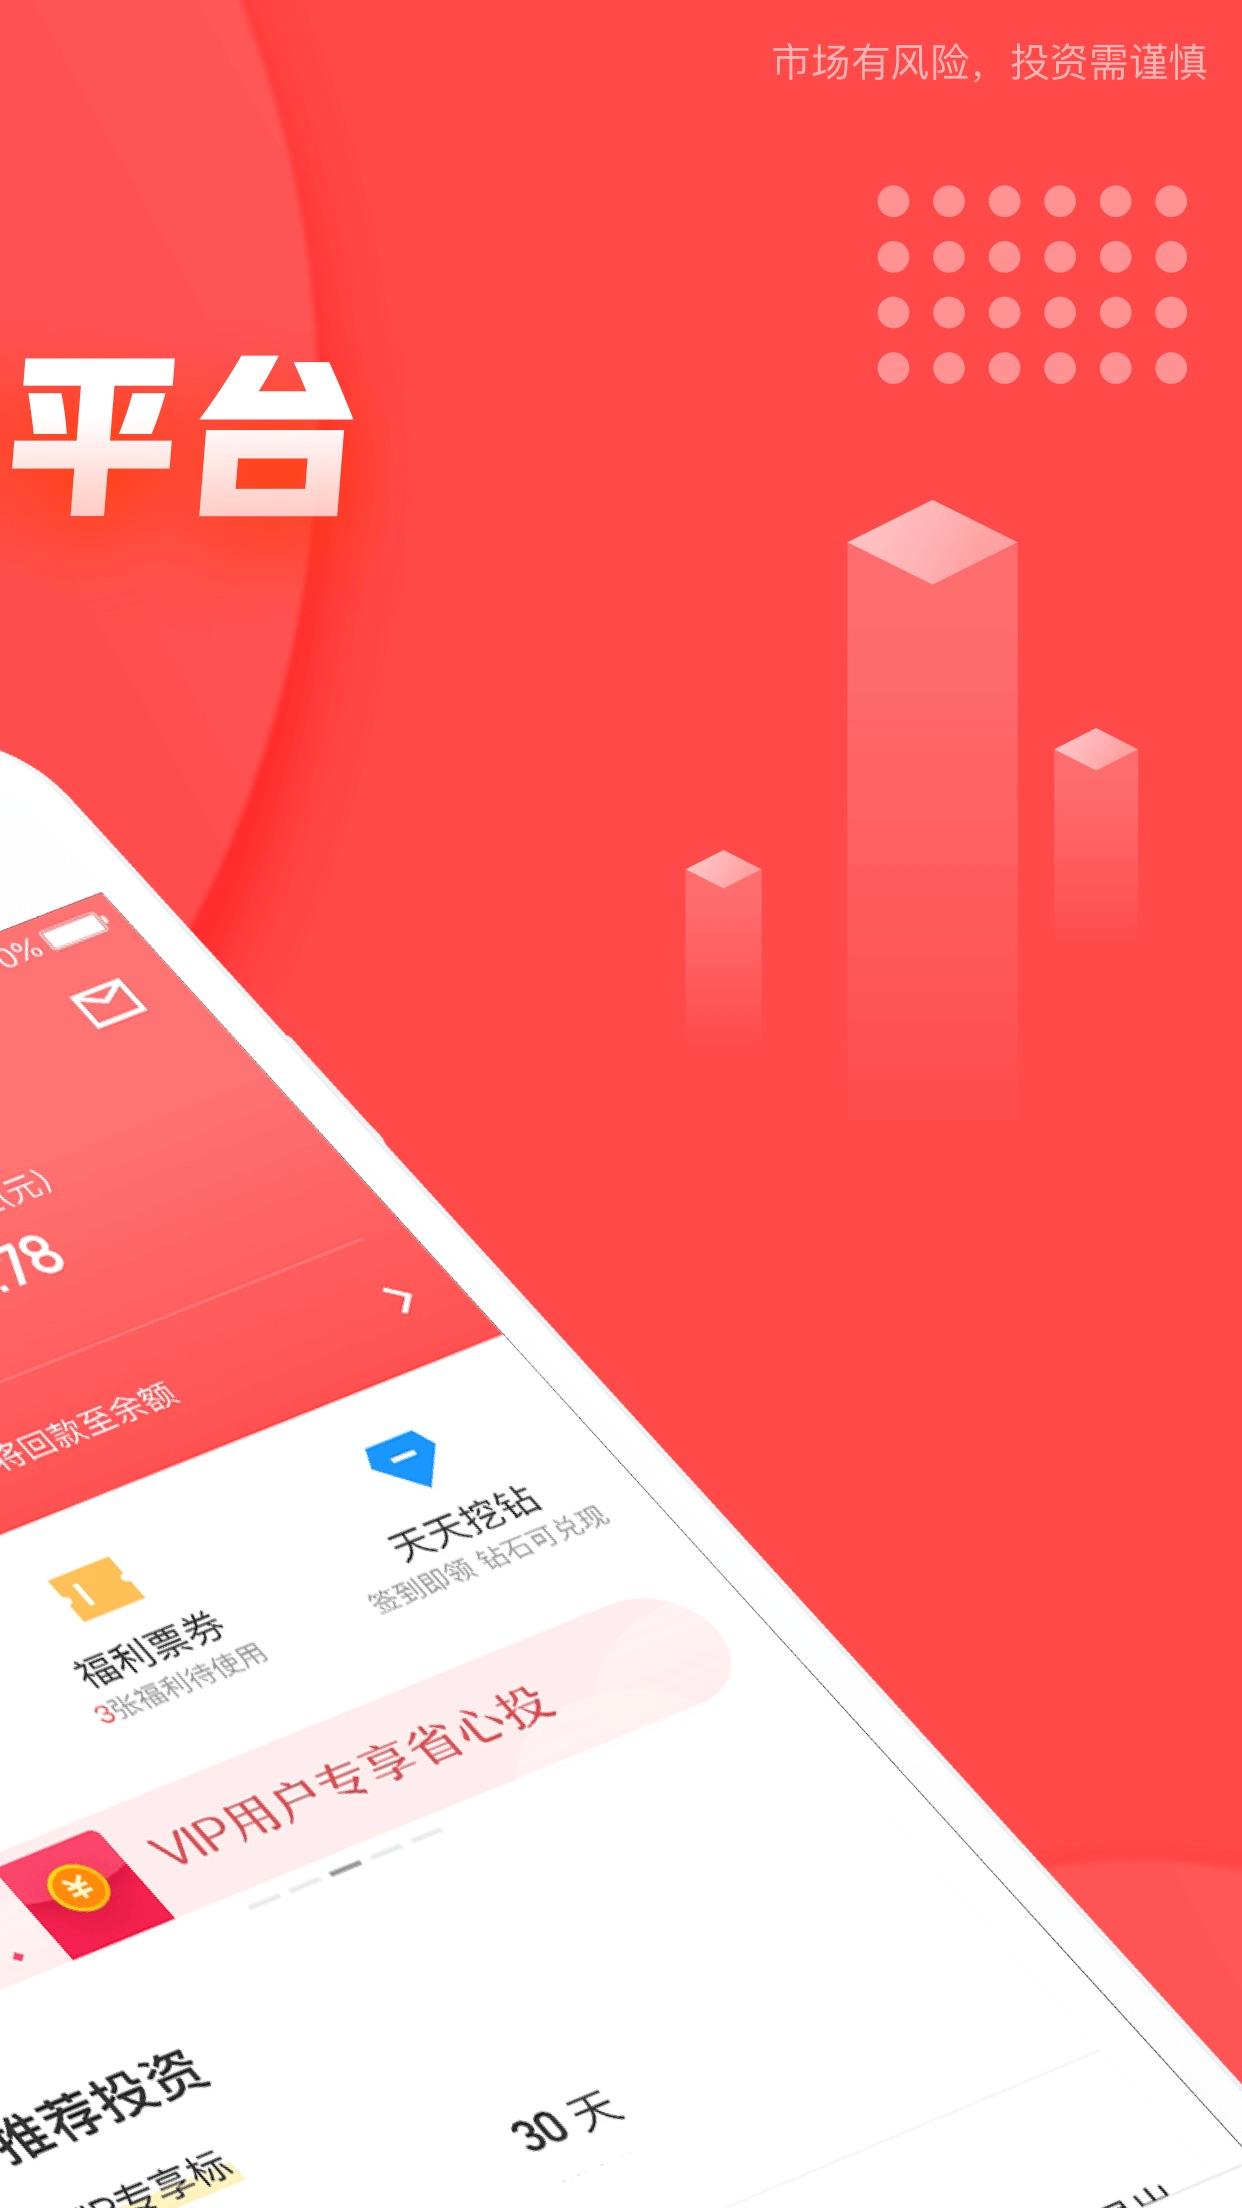 51人品-上市公司51信用卡旗下 Screenshot